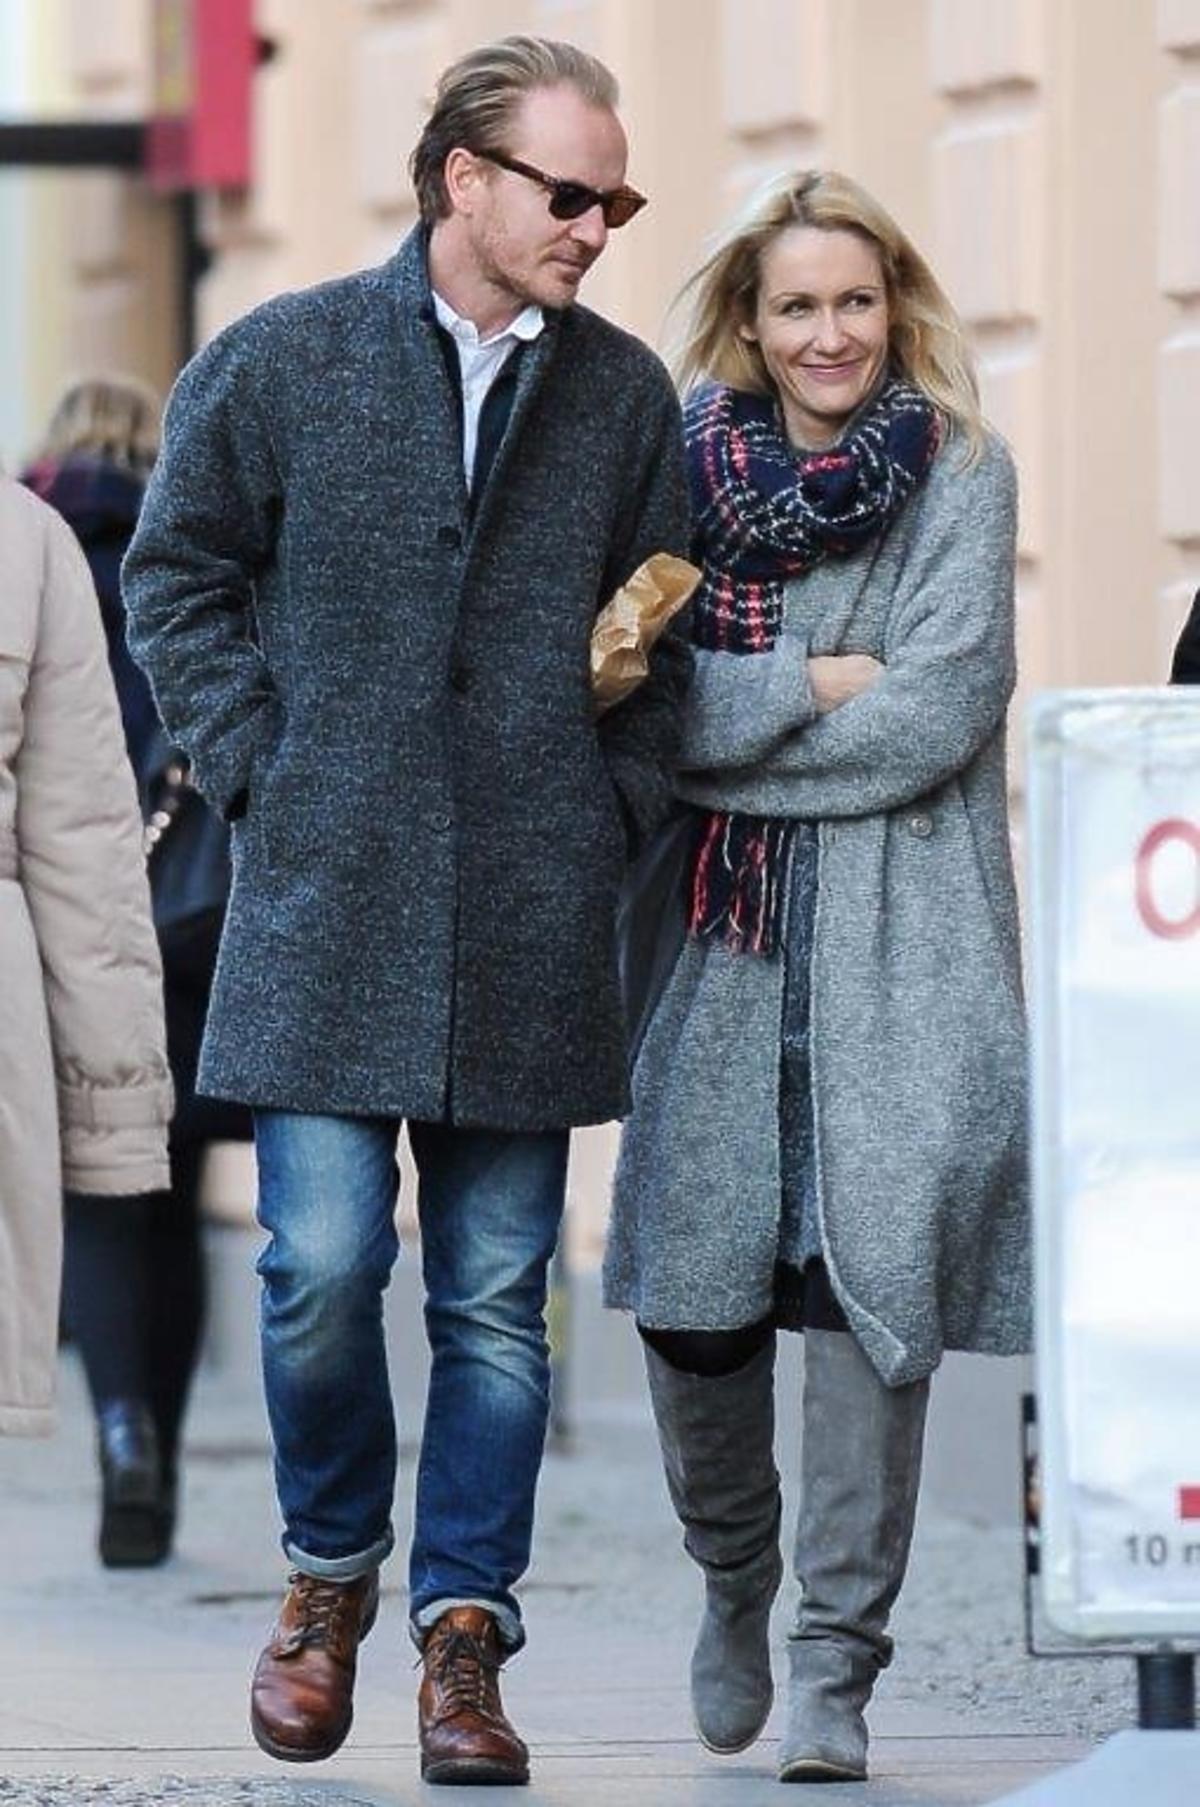 Jacek Borcuch i Małgorzata Ohme na spacerze